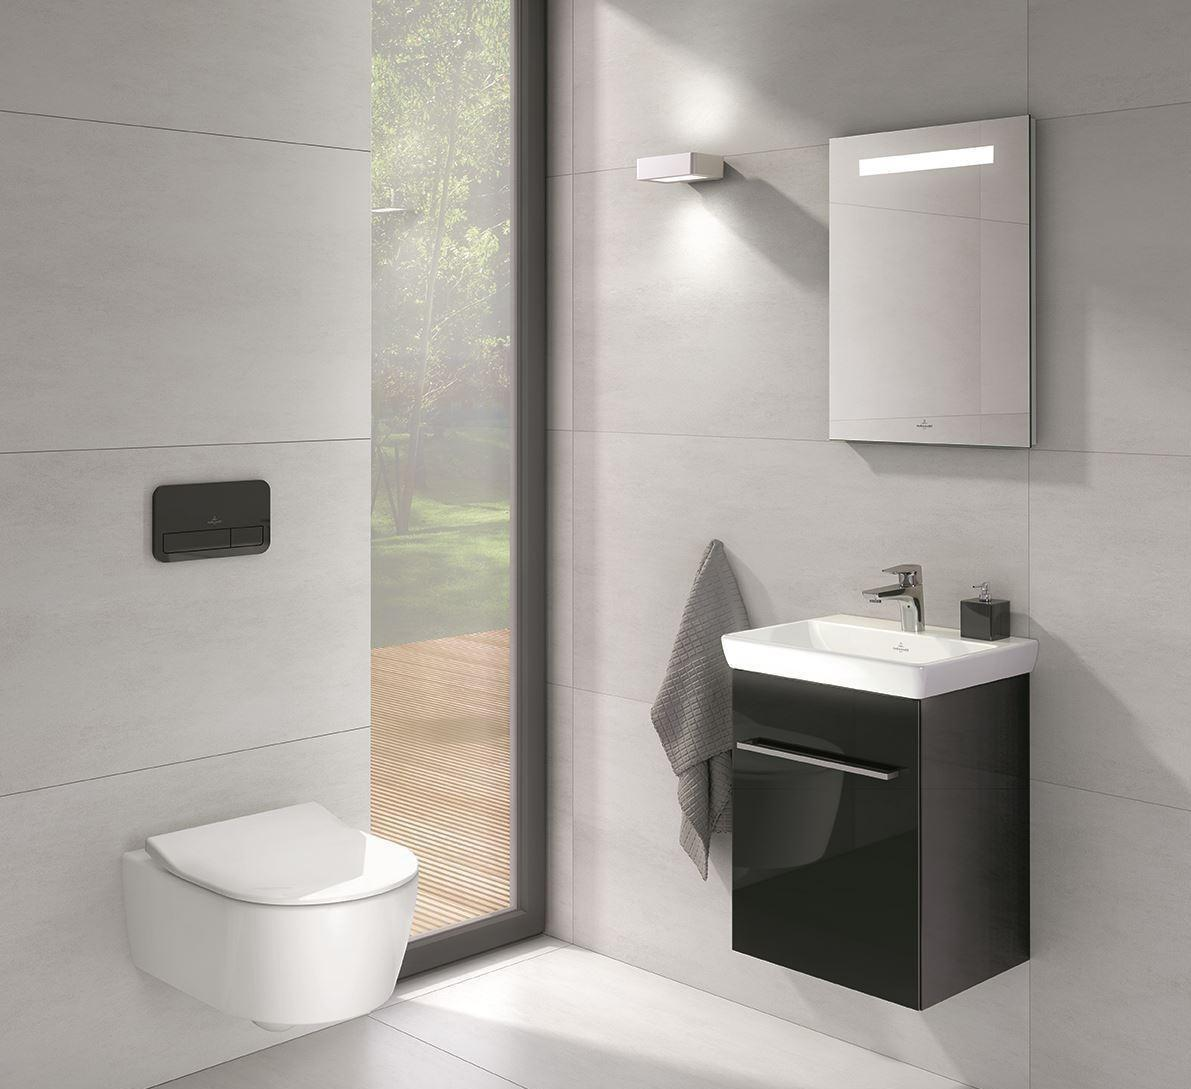 villeroy boch avento bia 5656rs01 ceny dane. Black Bedroom Furniture Sets. Home Design Ideas